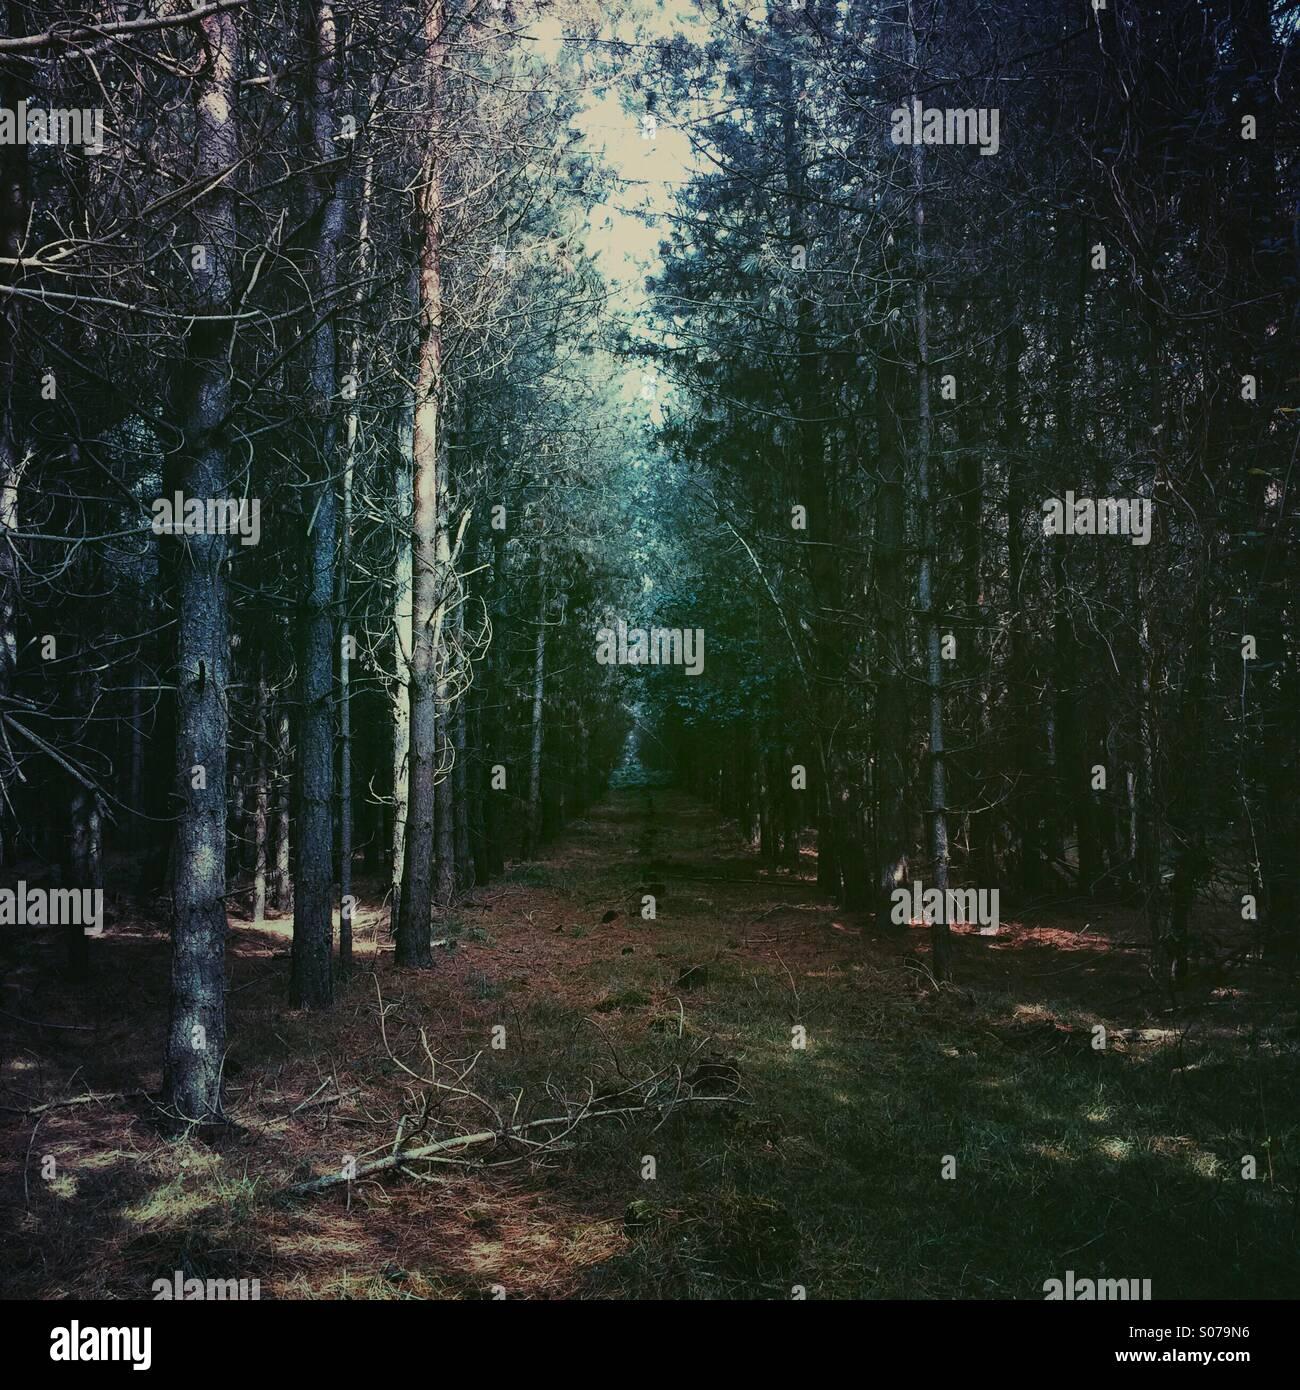 Dunklen Wald mit Licht in der Ferne Stockbild